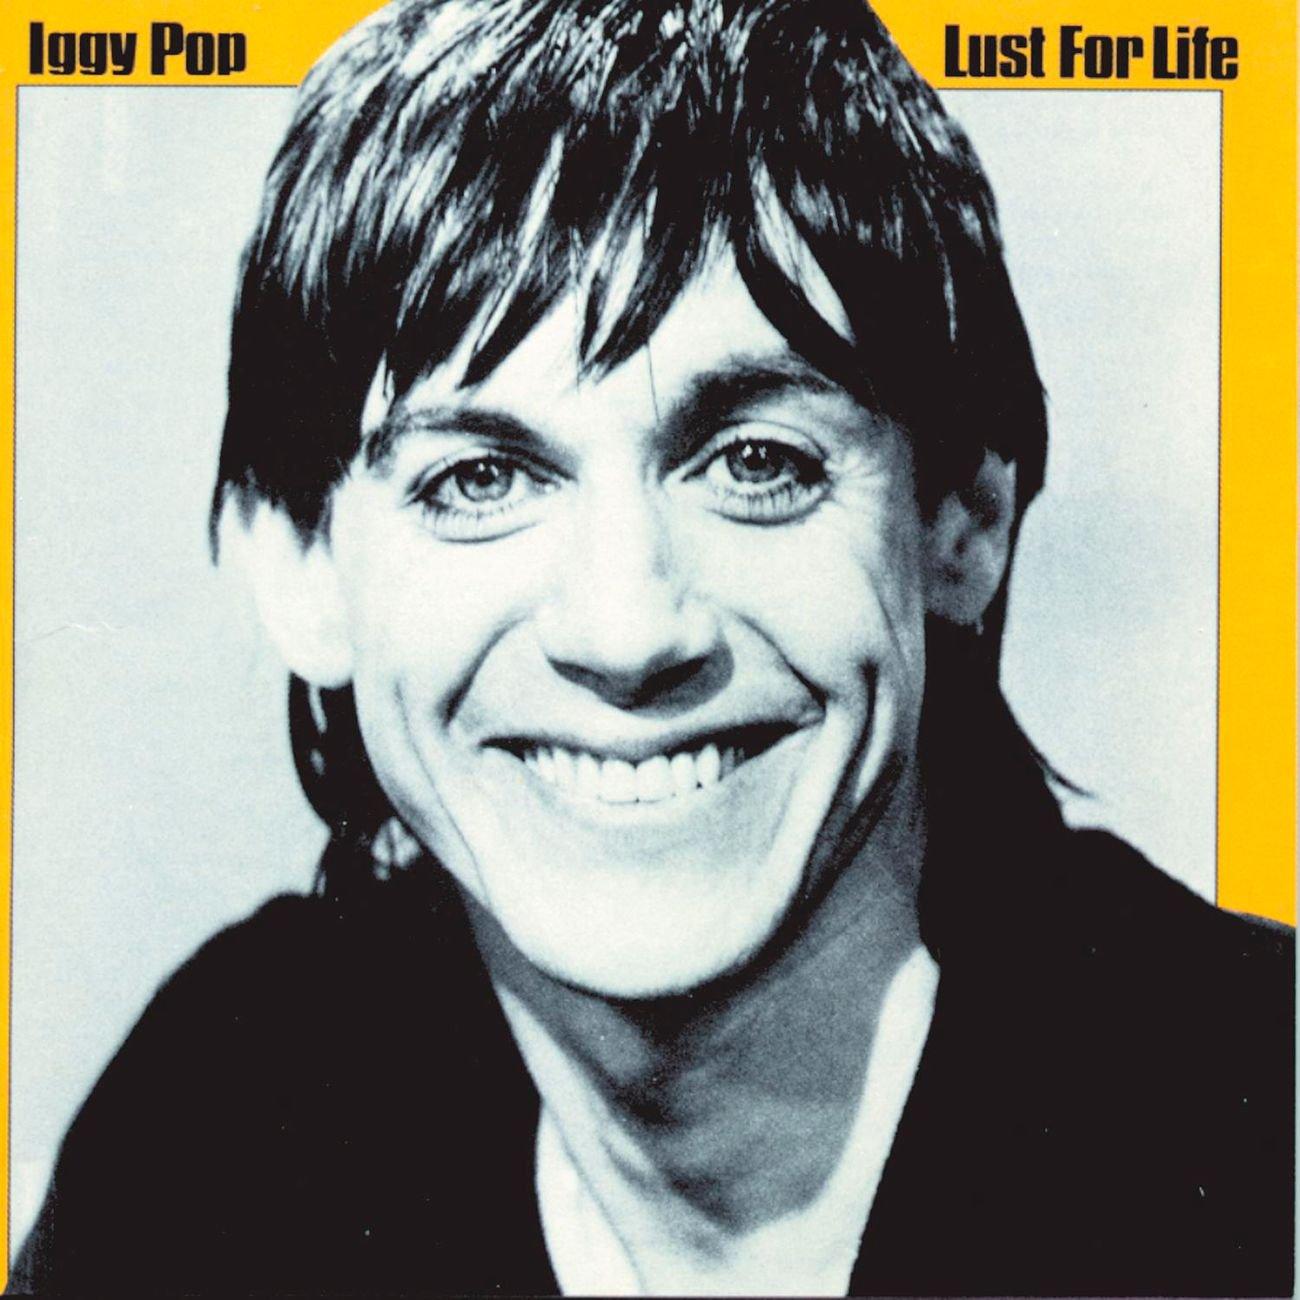 Buy Iggy Pop Now!